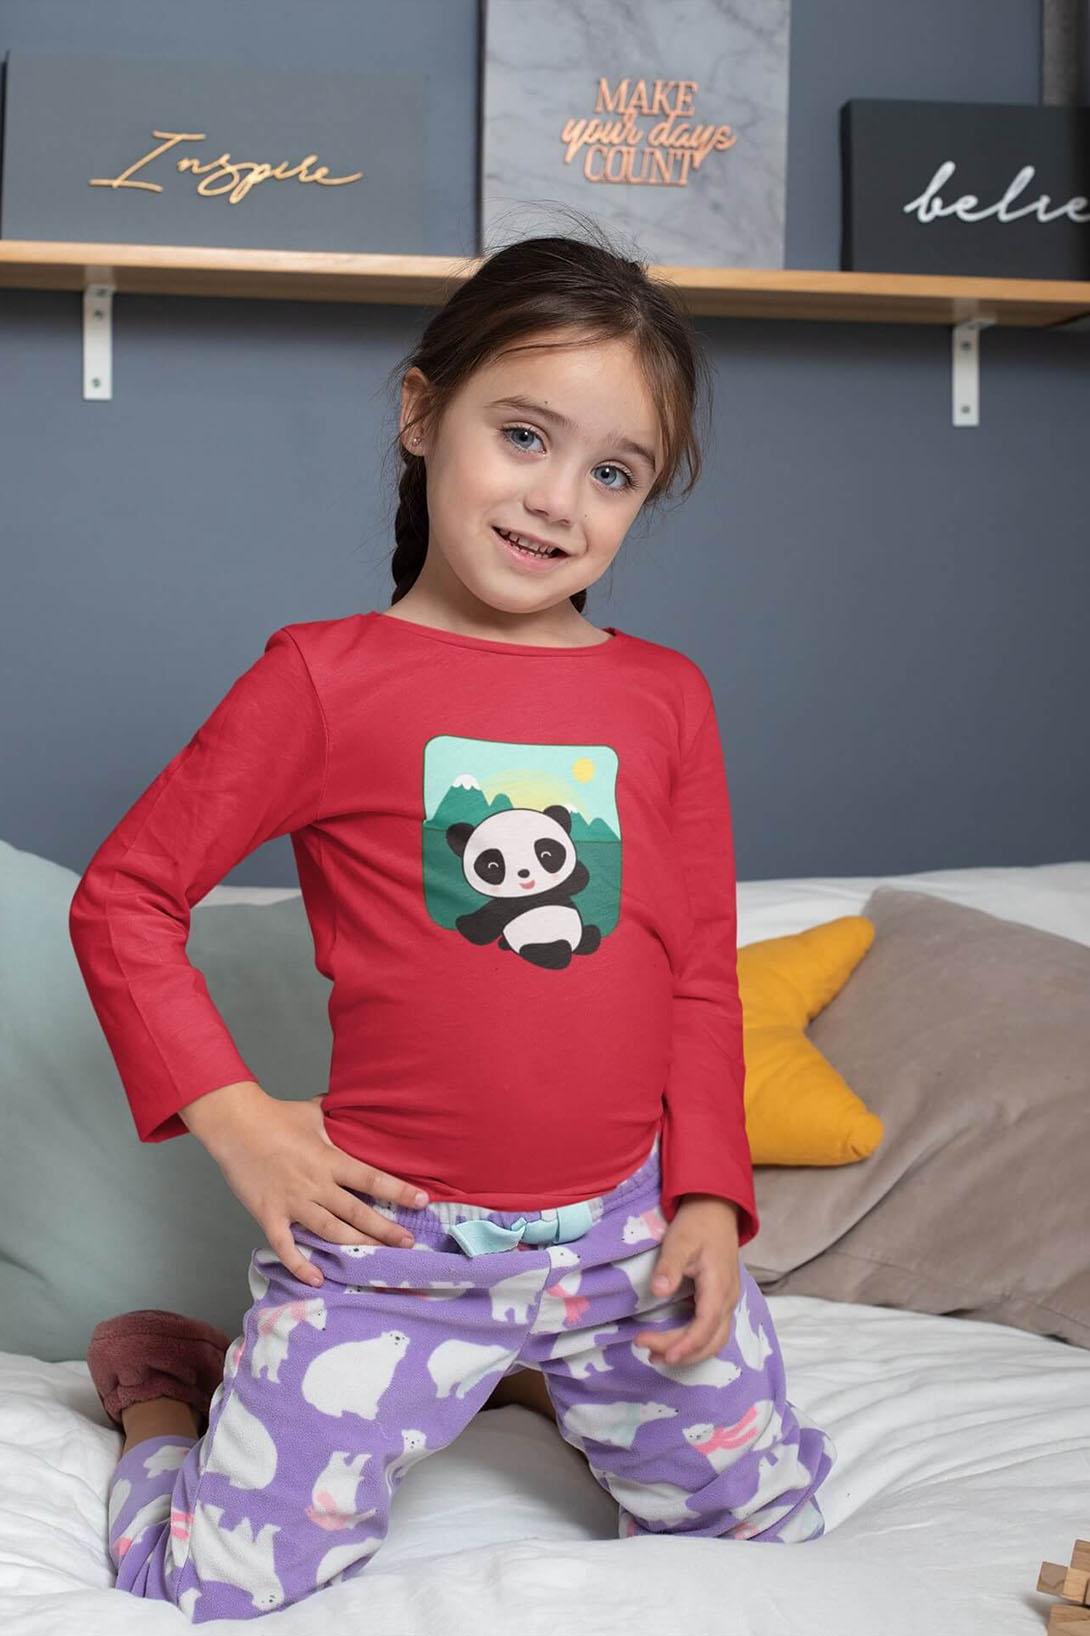 MMO Detské tričko s dlhým rukávom Panda Vyberte farbu:: Tyrkysová, Detská veľkosť: 158/12 rokov